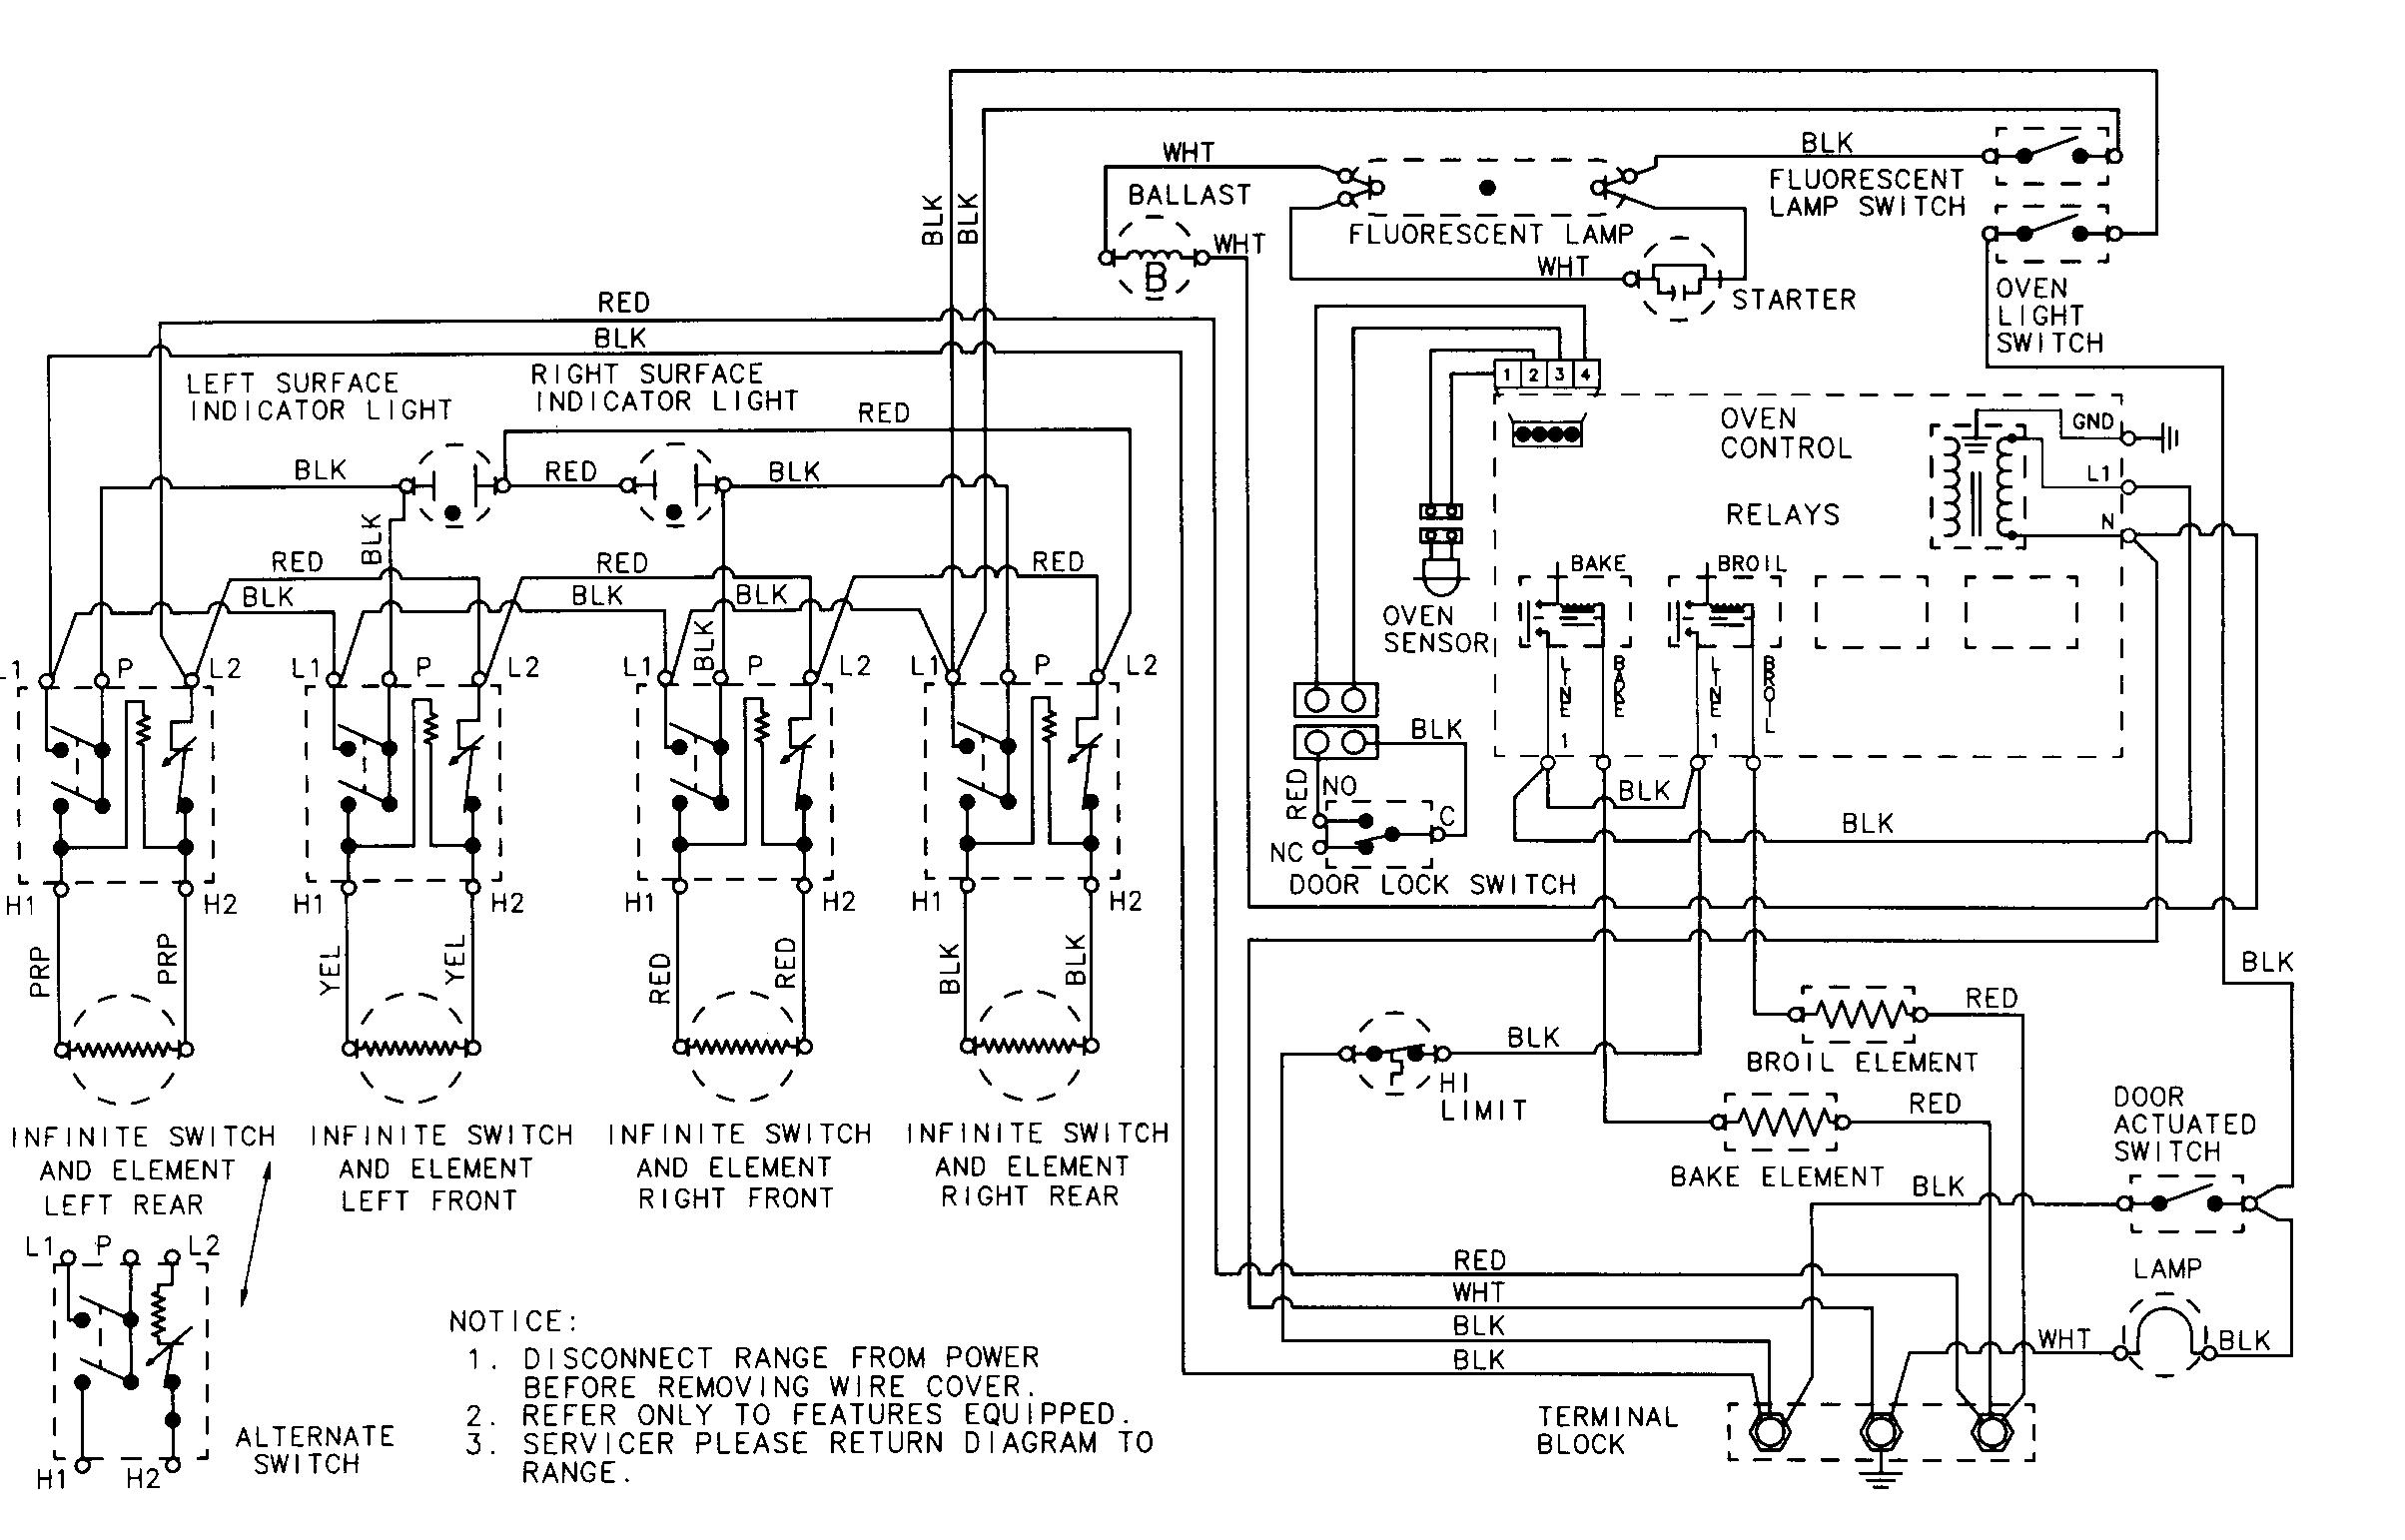 Ge Electric Oven Wiring Diagram - Kubota M9000 Wiring Diagram -  oonboard.yenpancane.jeanjaures37.fr | Ge Stove Wiring Diagram |  | Wiring Diagram Resource